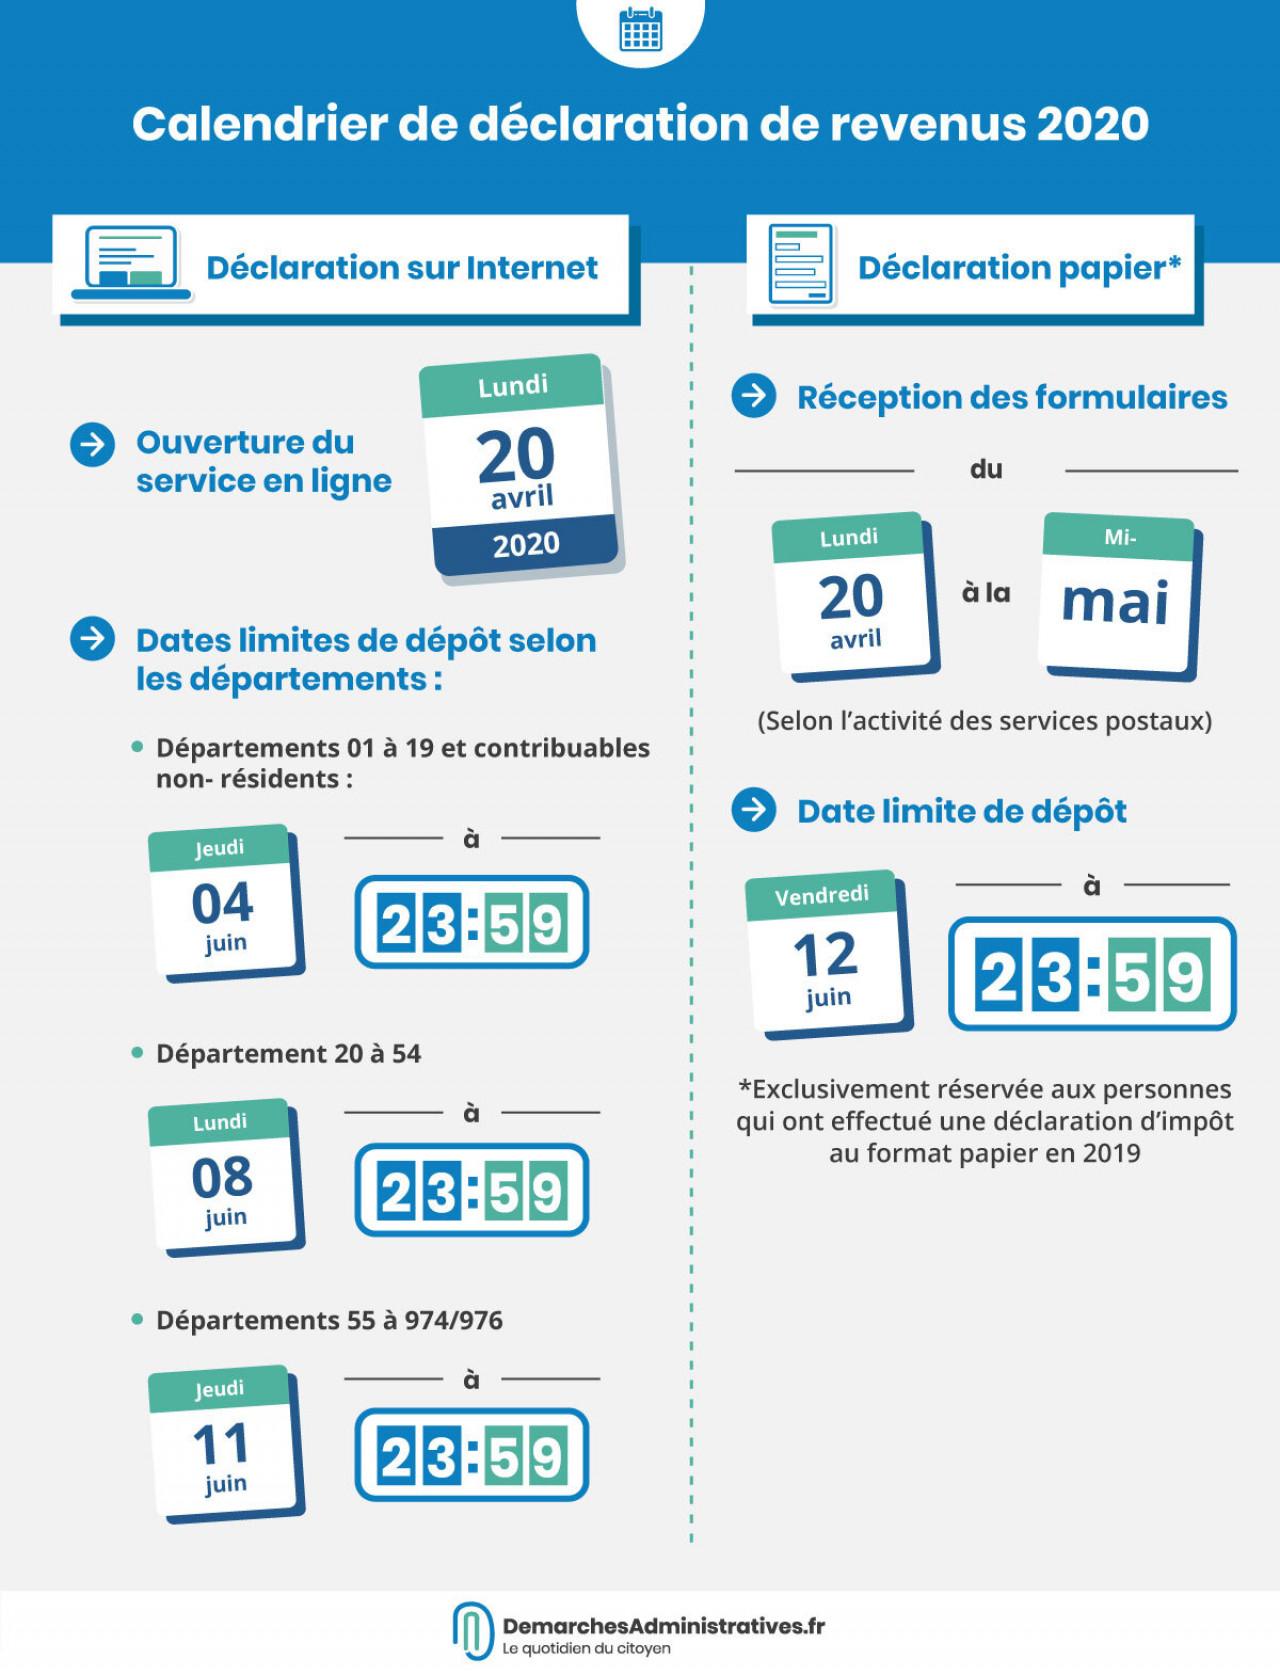 Impôt sur les revenus 2019 : Calendrier de la déclaration 2020